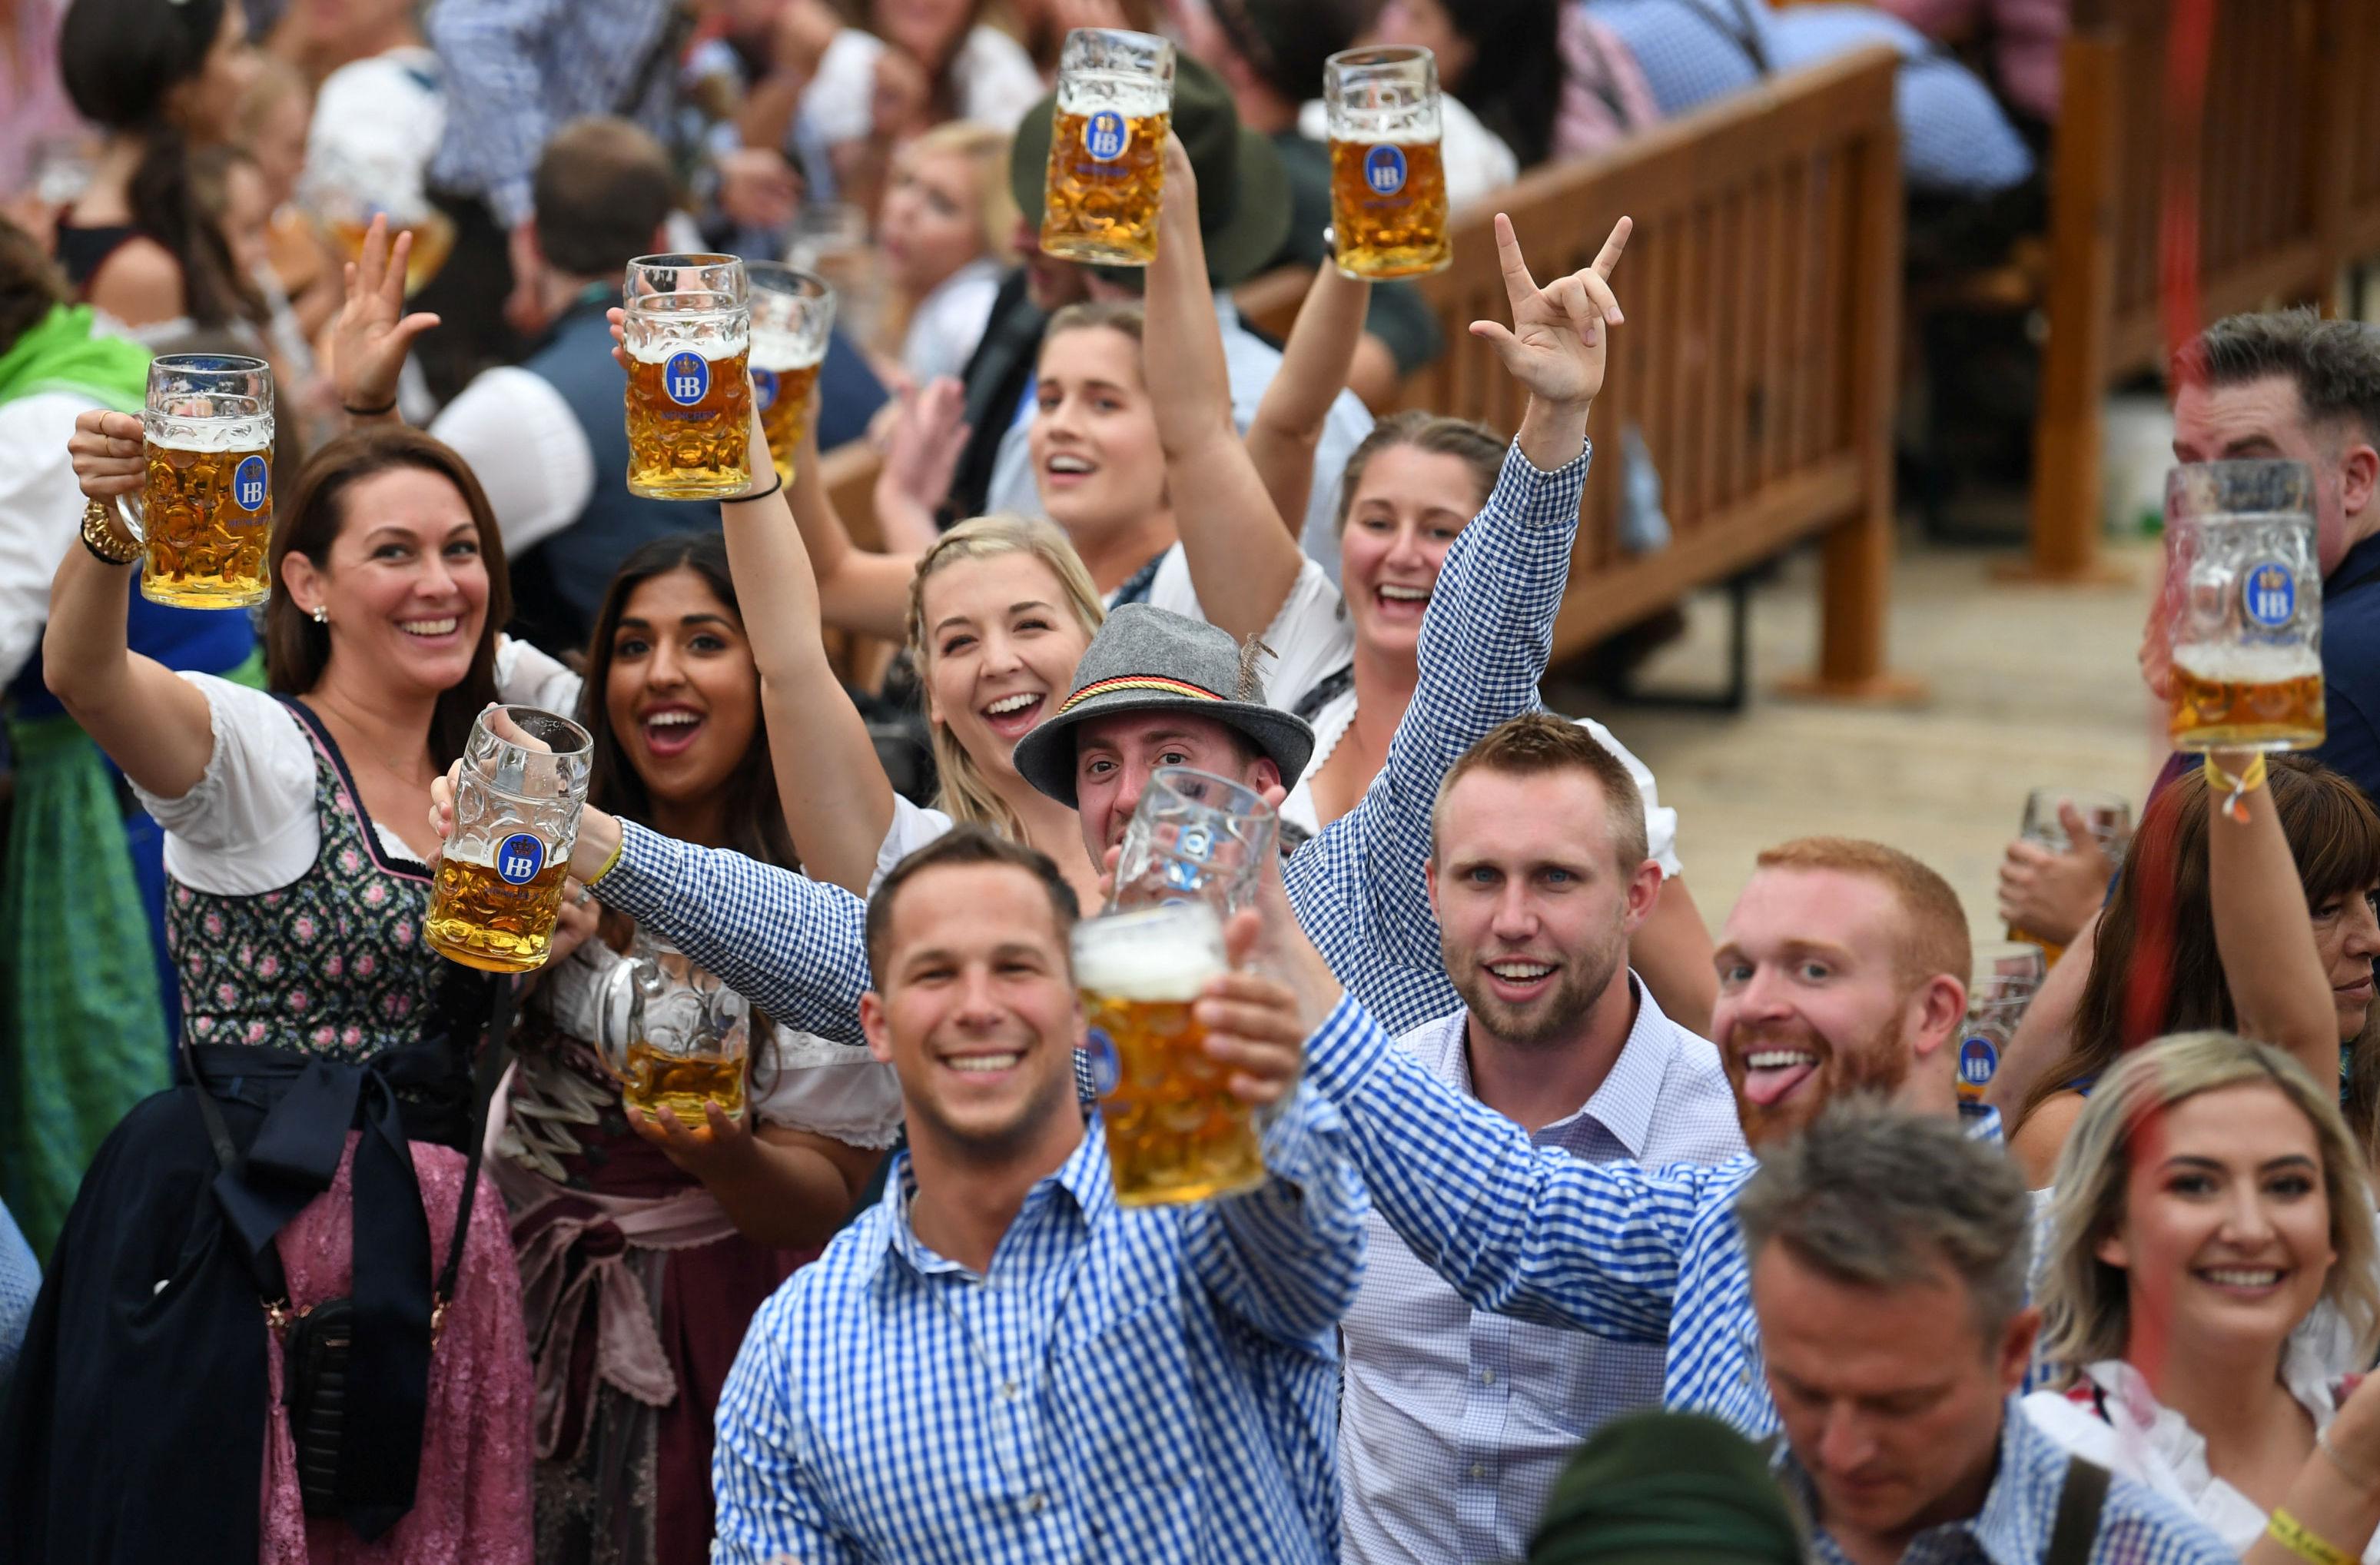 Festival de la cerveza Oktoberfest en Múnich (Alemania)